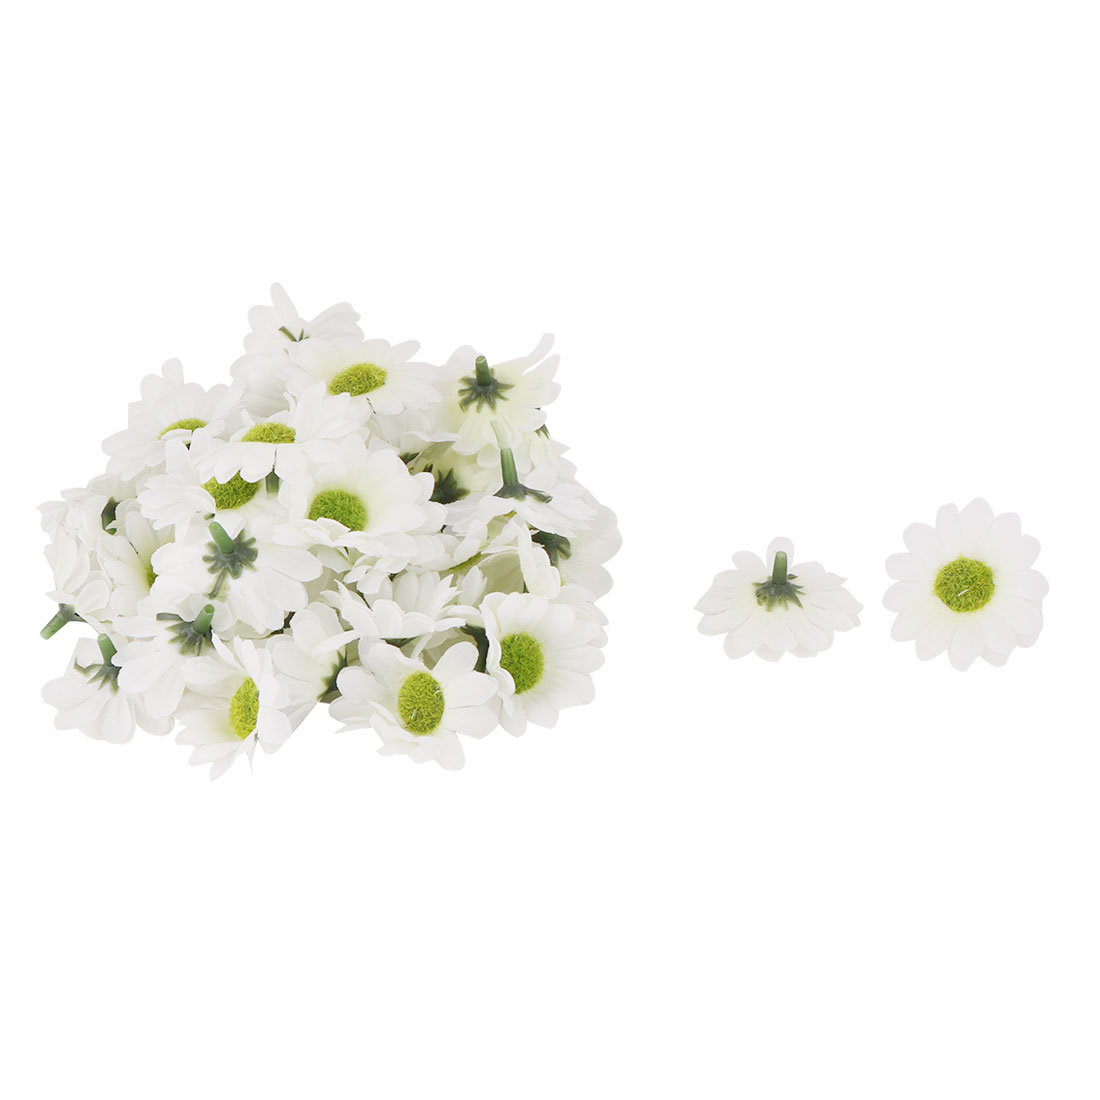 Bride Wedding Fabric Artificial Flower Heads Headband Garland Decor Beige 50pcs